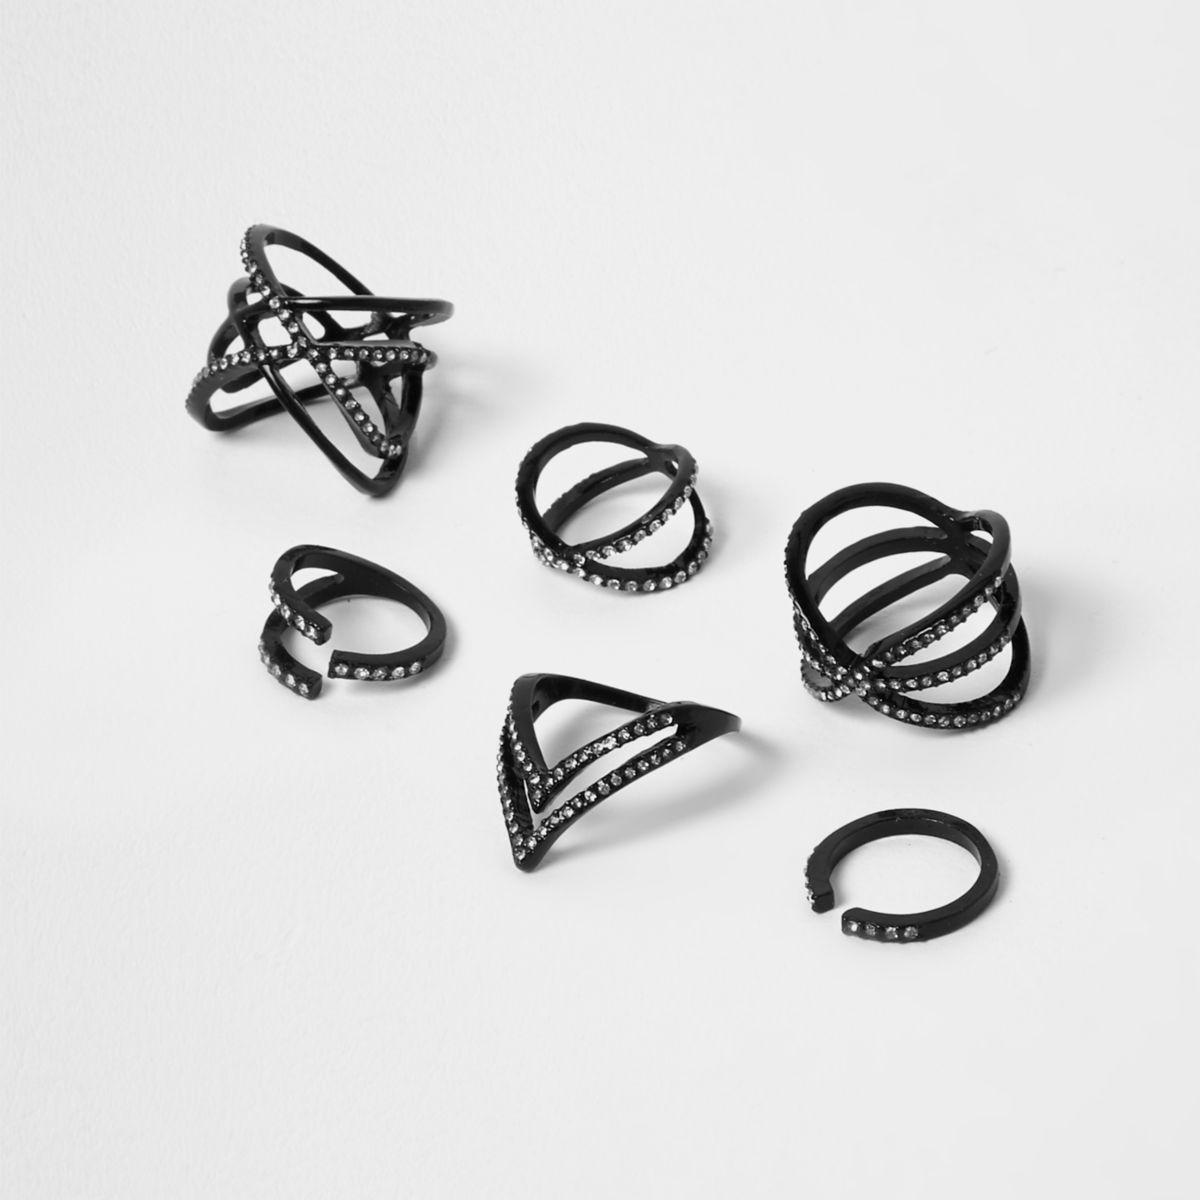 Black rhinestone encrusted ring pack